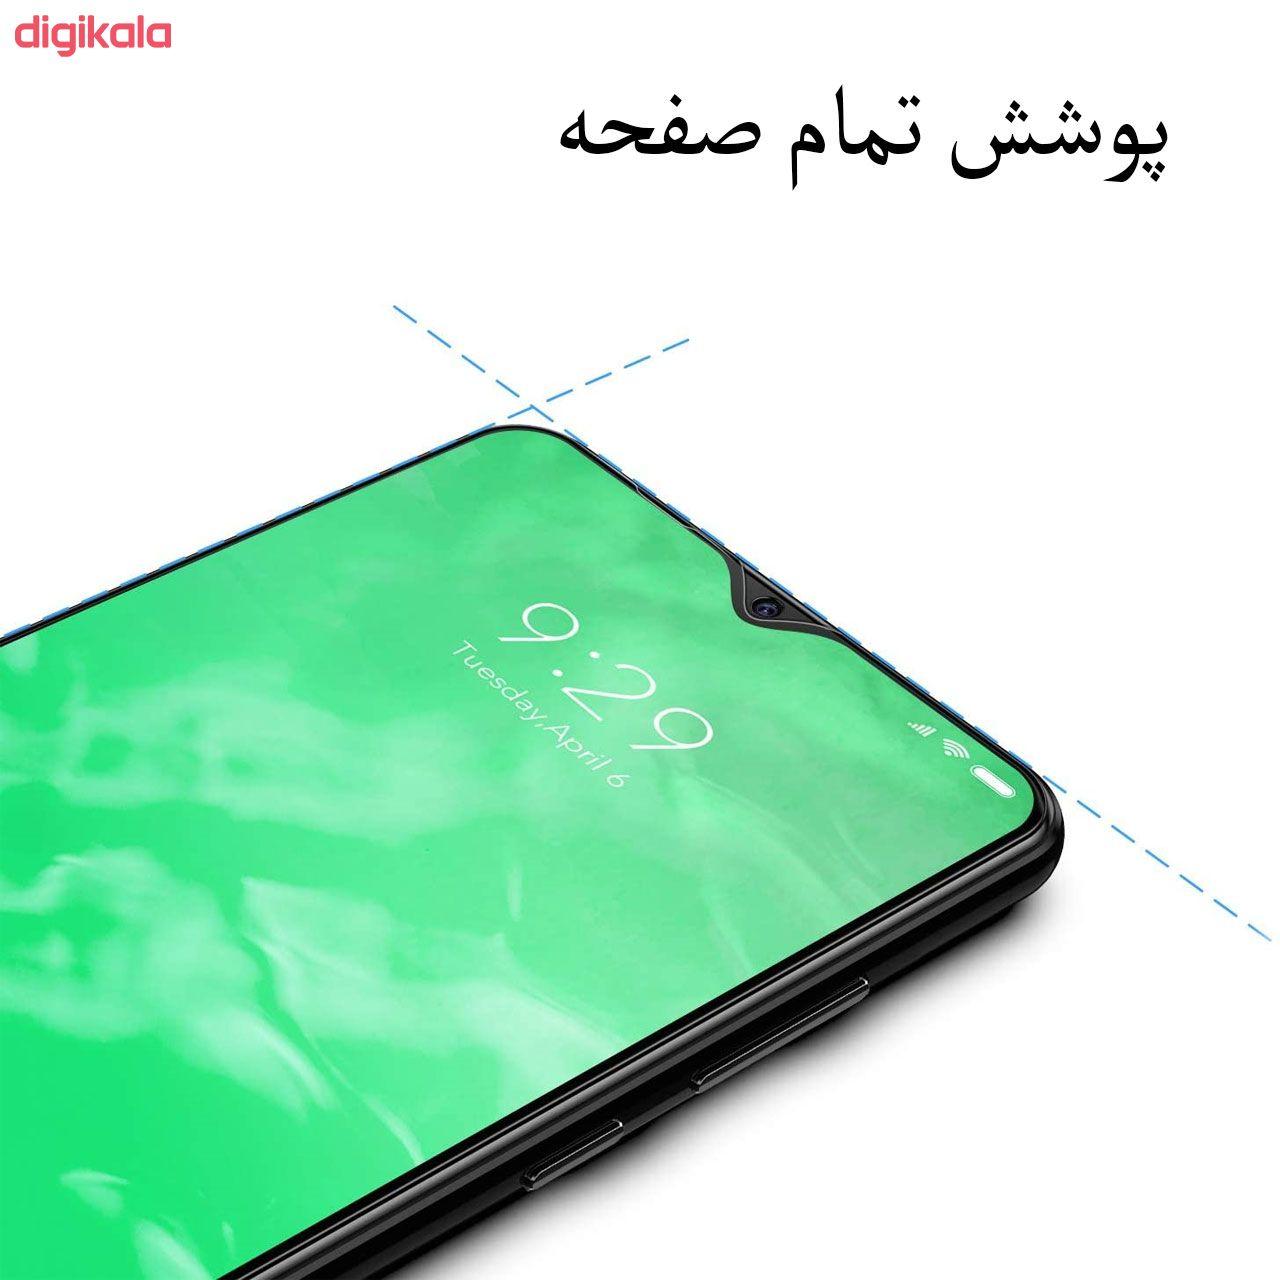 محافظ صفحه نمایش مدل FCG مناسب برای گوشی موبایل سامسونگ Galaxy M20 main 1 2